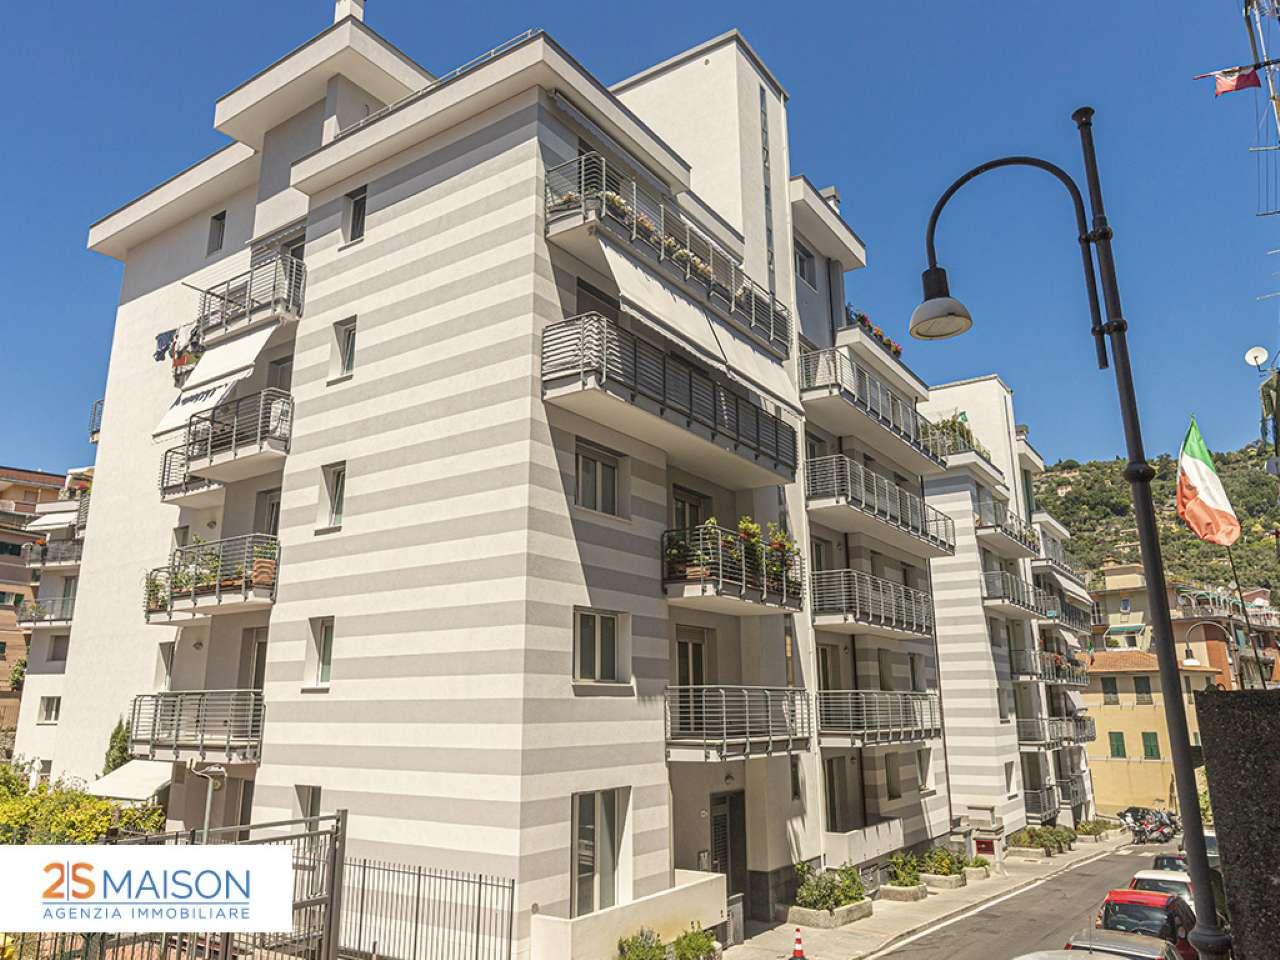 Appartamento in vendita a Santa Margherita Ligure, 4 locali, prezzo € 419.000 | PortaleAgenzieImmobiliari.it